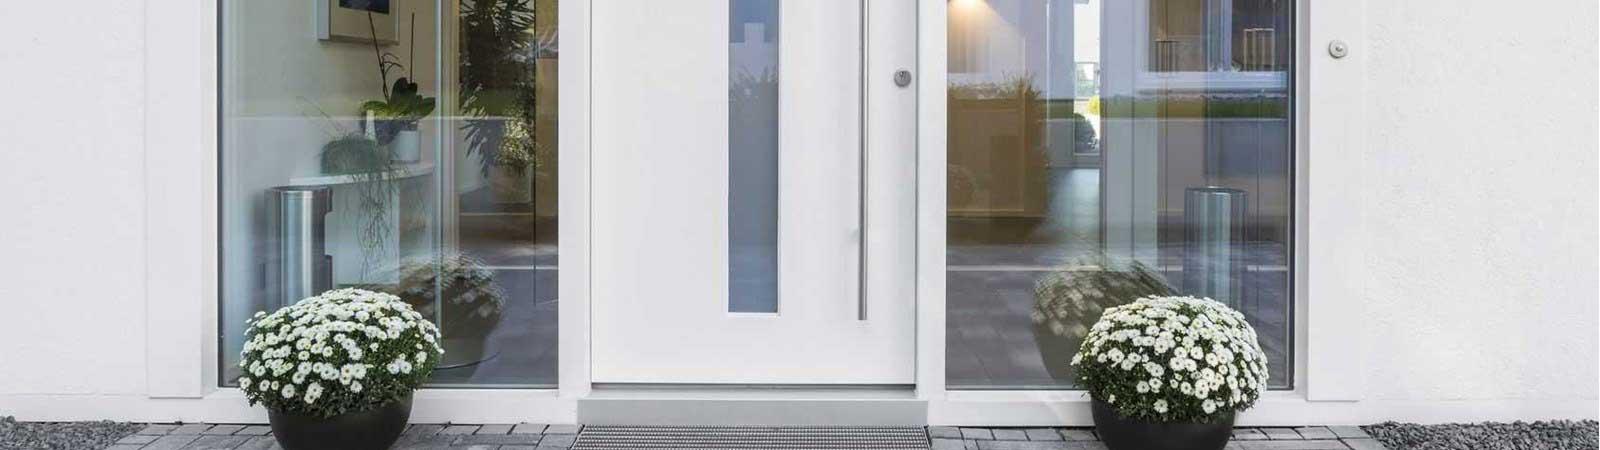 Geliebte Neue Haustür: so lässt sich Energie sparen AG64